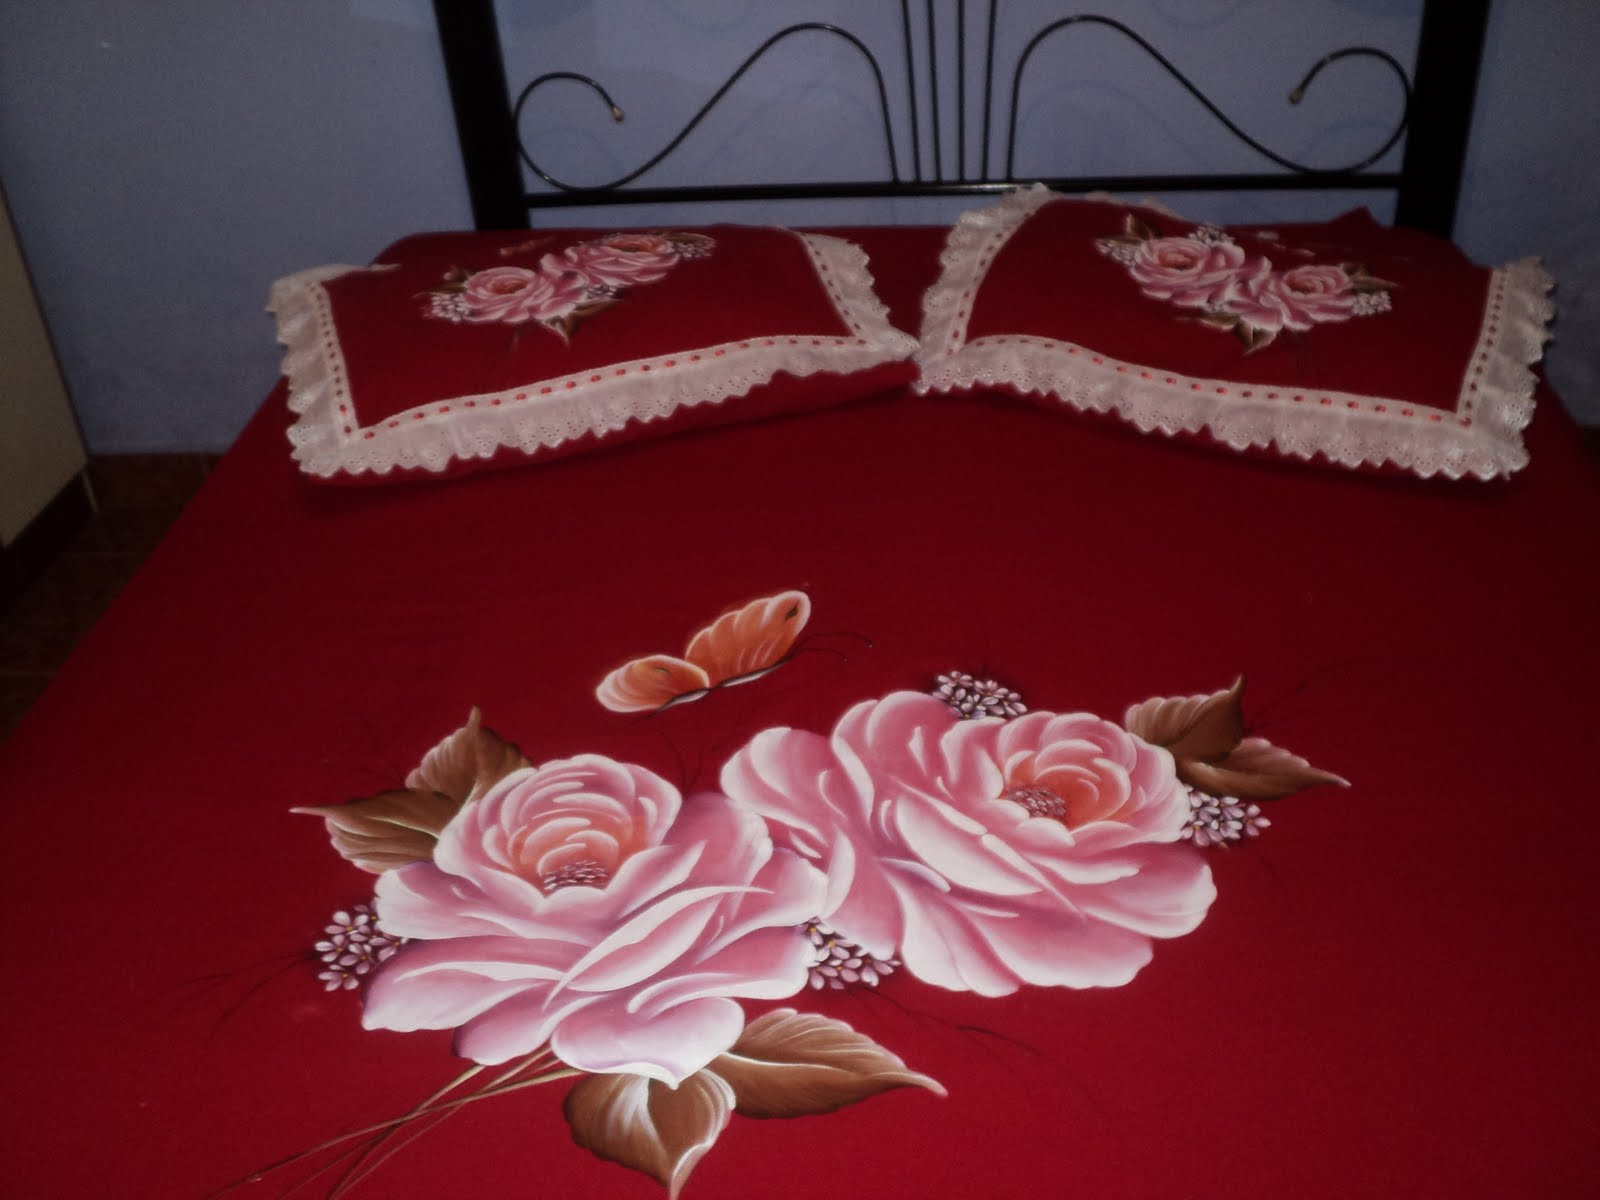 Colcha De Casal   Motivos De Rosas Feita No Tecido Oxford Vermelho